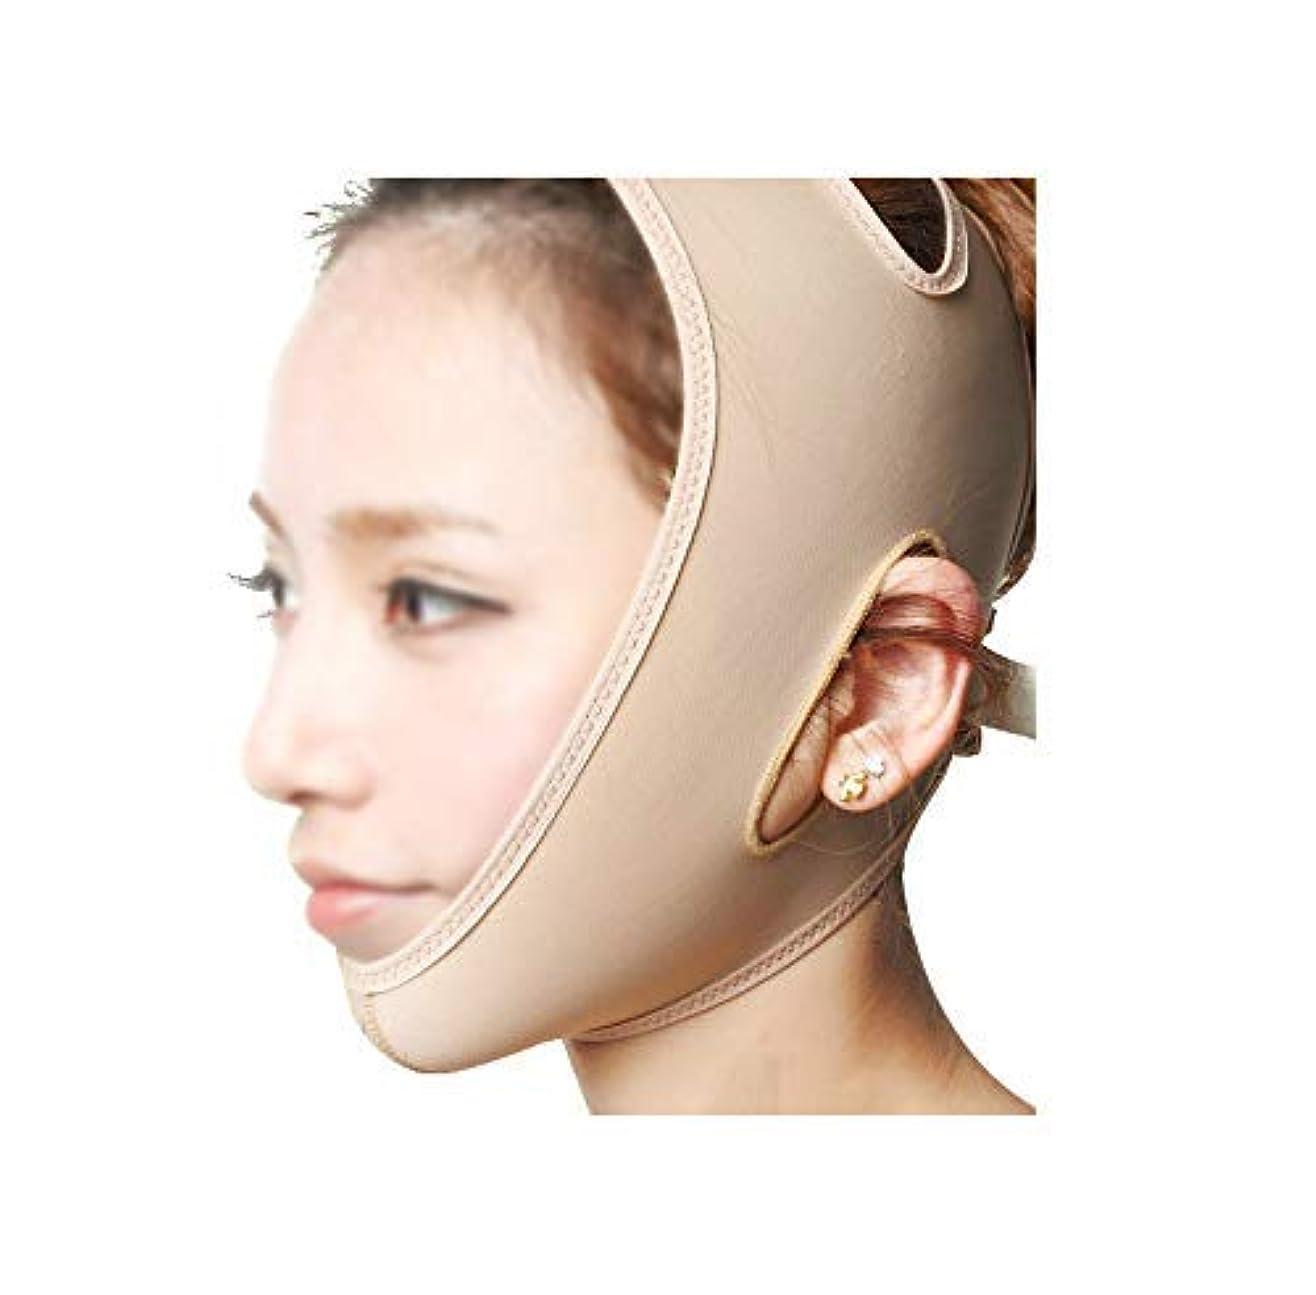 下品役に立つ証明書フェイスリフティングバンデージ、フェイスマスク3Dパネルデザイン、通気性に優れたライクラ素材の物理的なVフェイス、美しい顔の輪郭の作成(サイズ:S),M